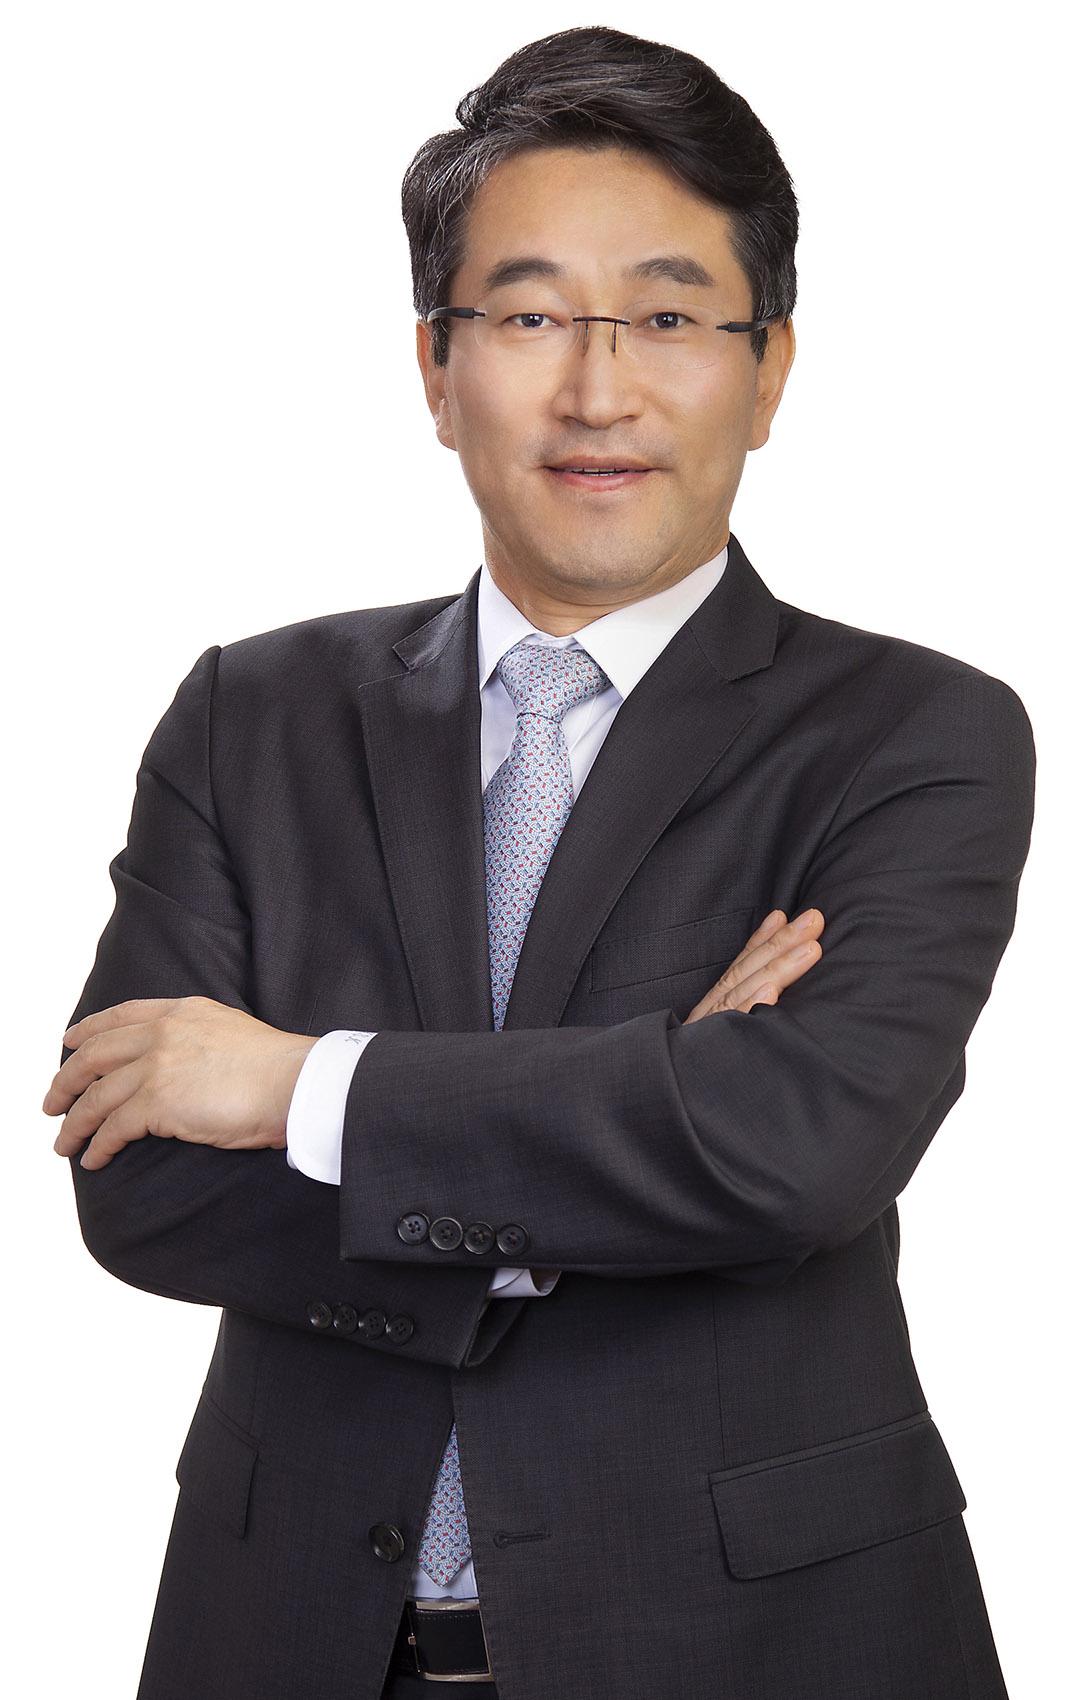 Kongsik Kim